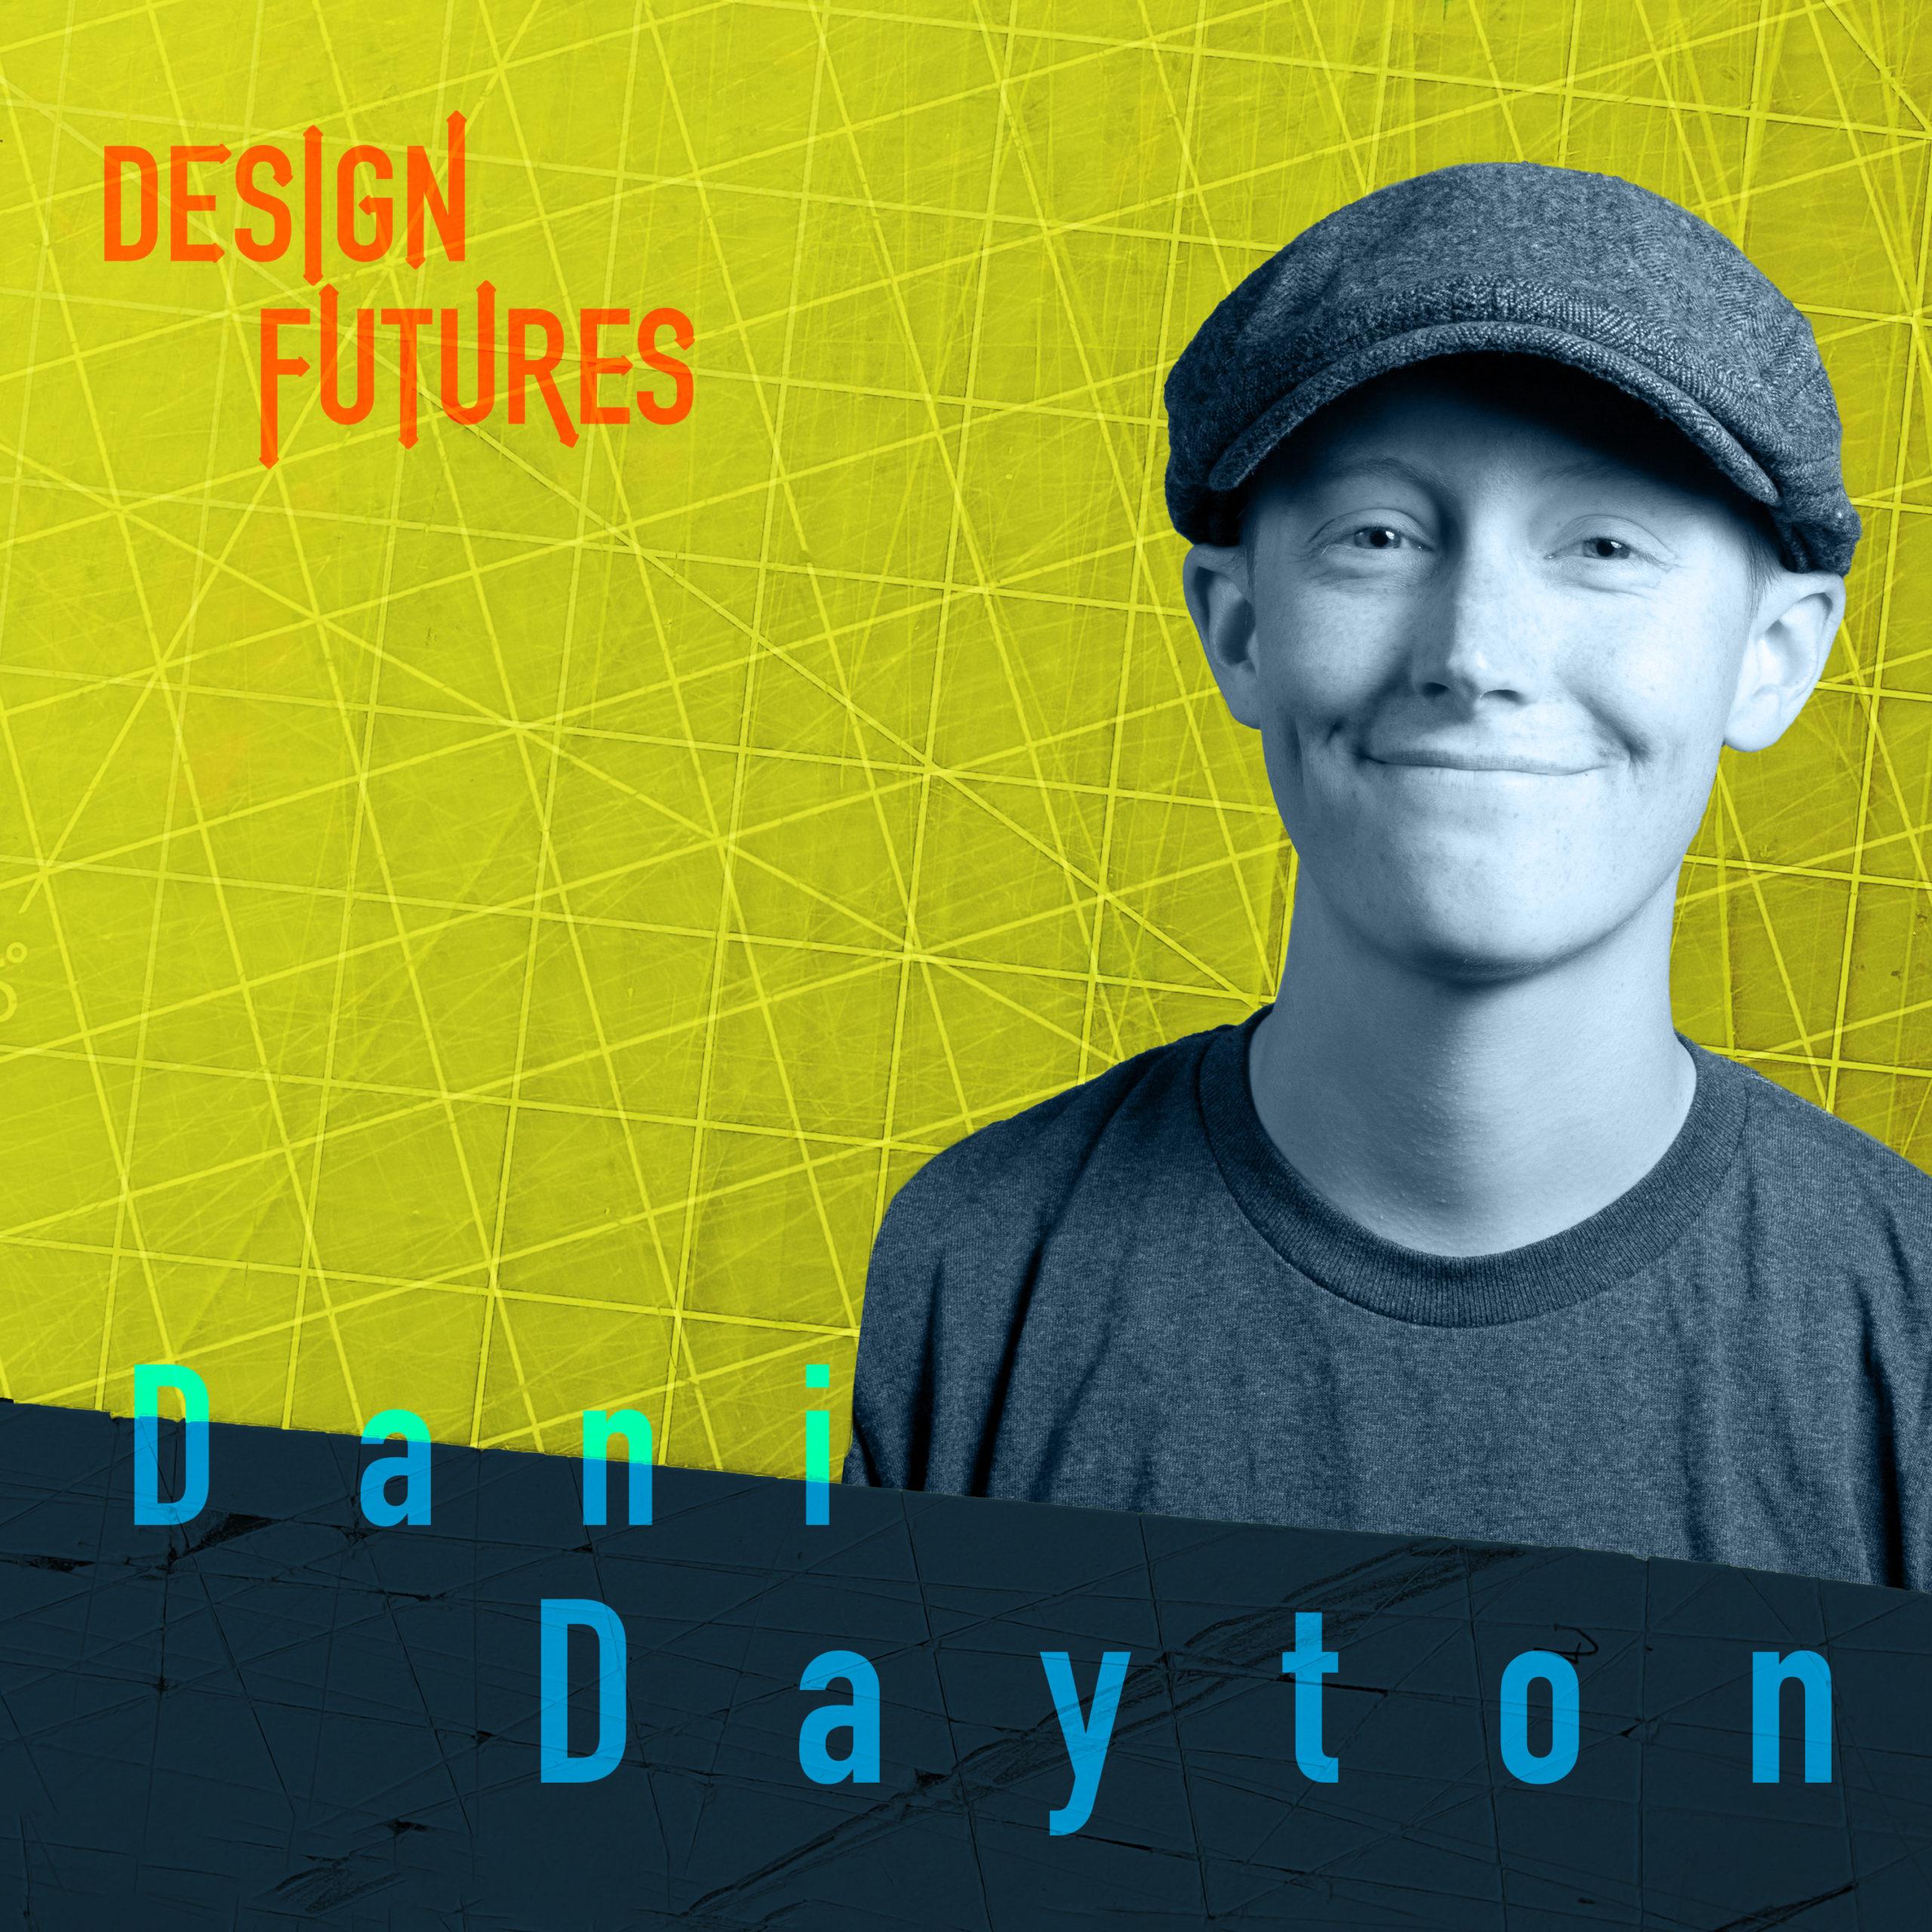 Dani Dayton